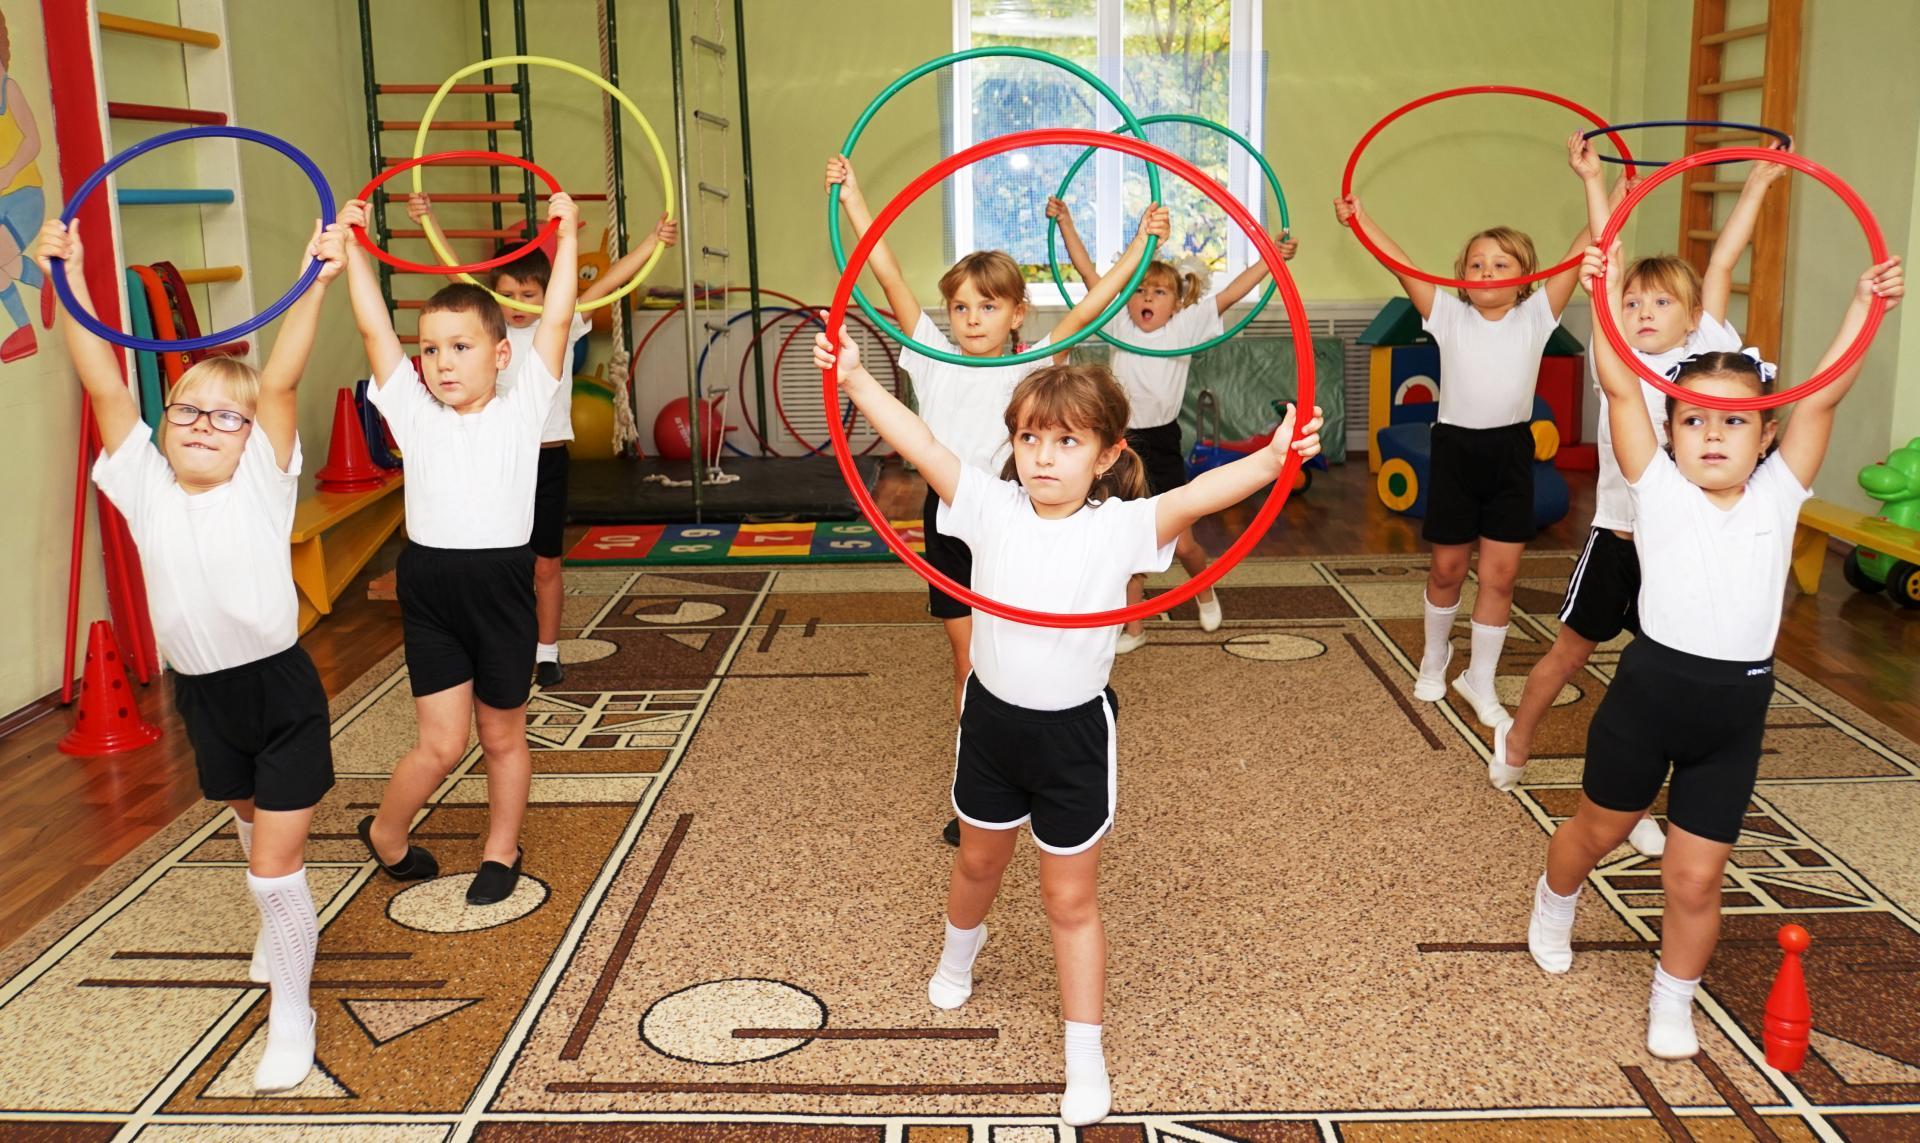 кают указываю картинки с детьми занимающихся физкультурой есть специальные внеконкурсные